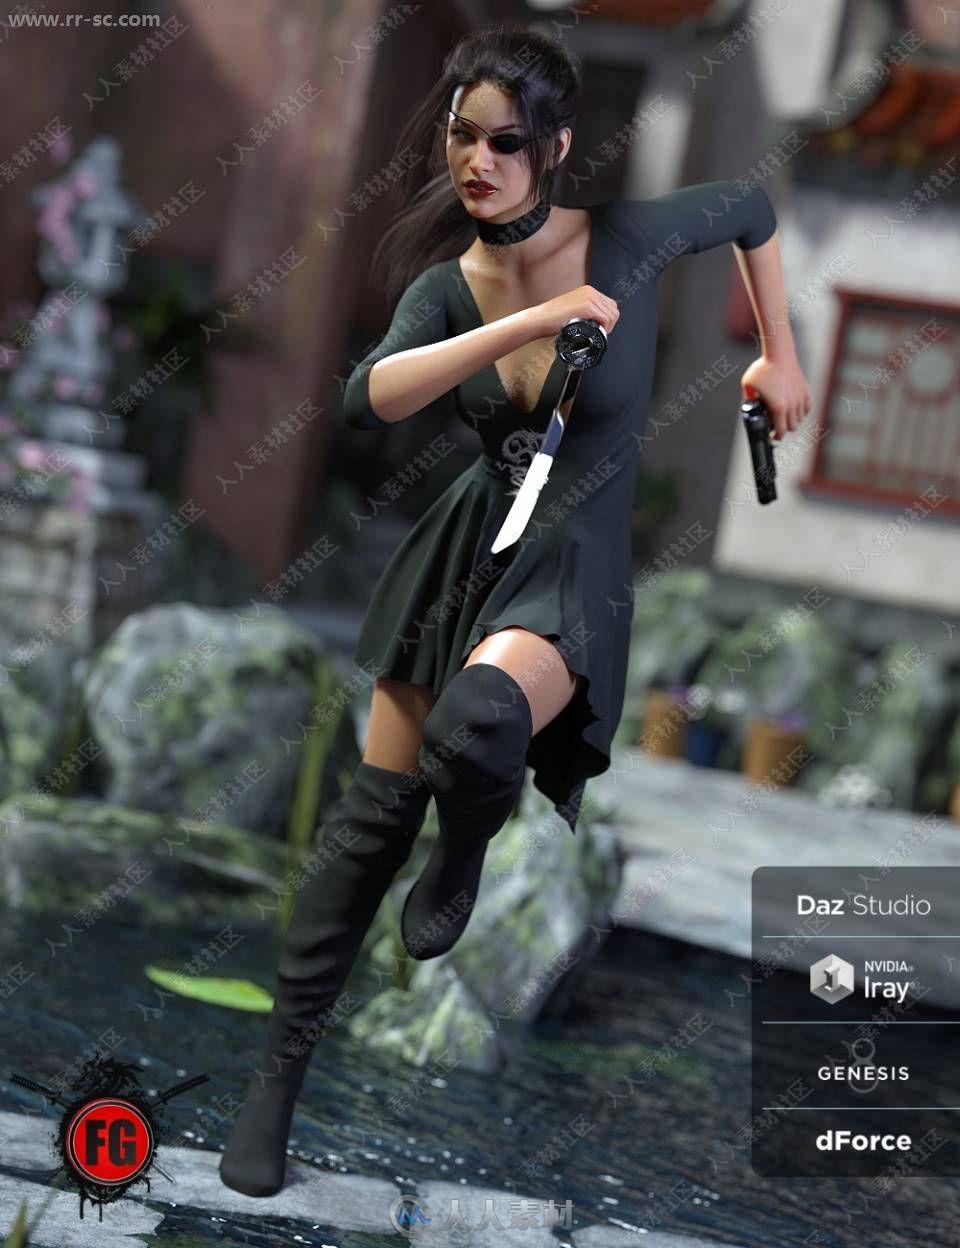 多组身材短裙长靴女孩手持长刀手枪3D模型